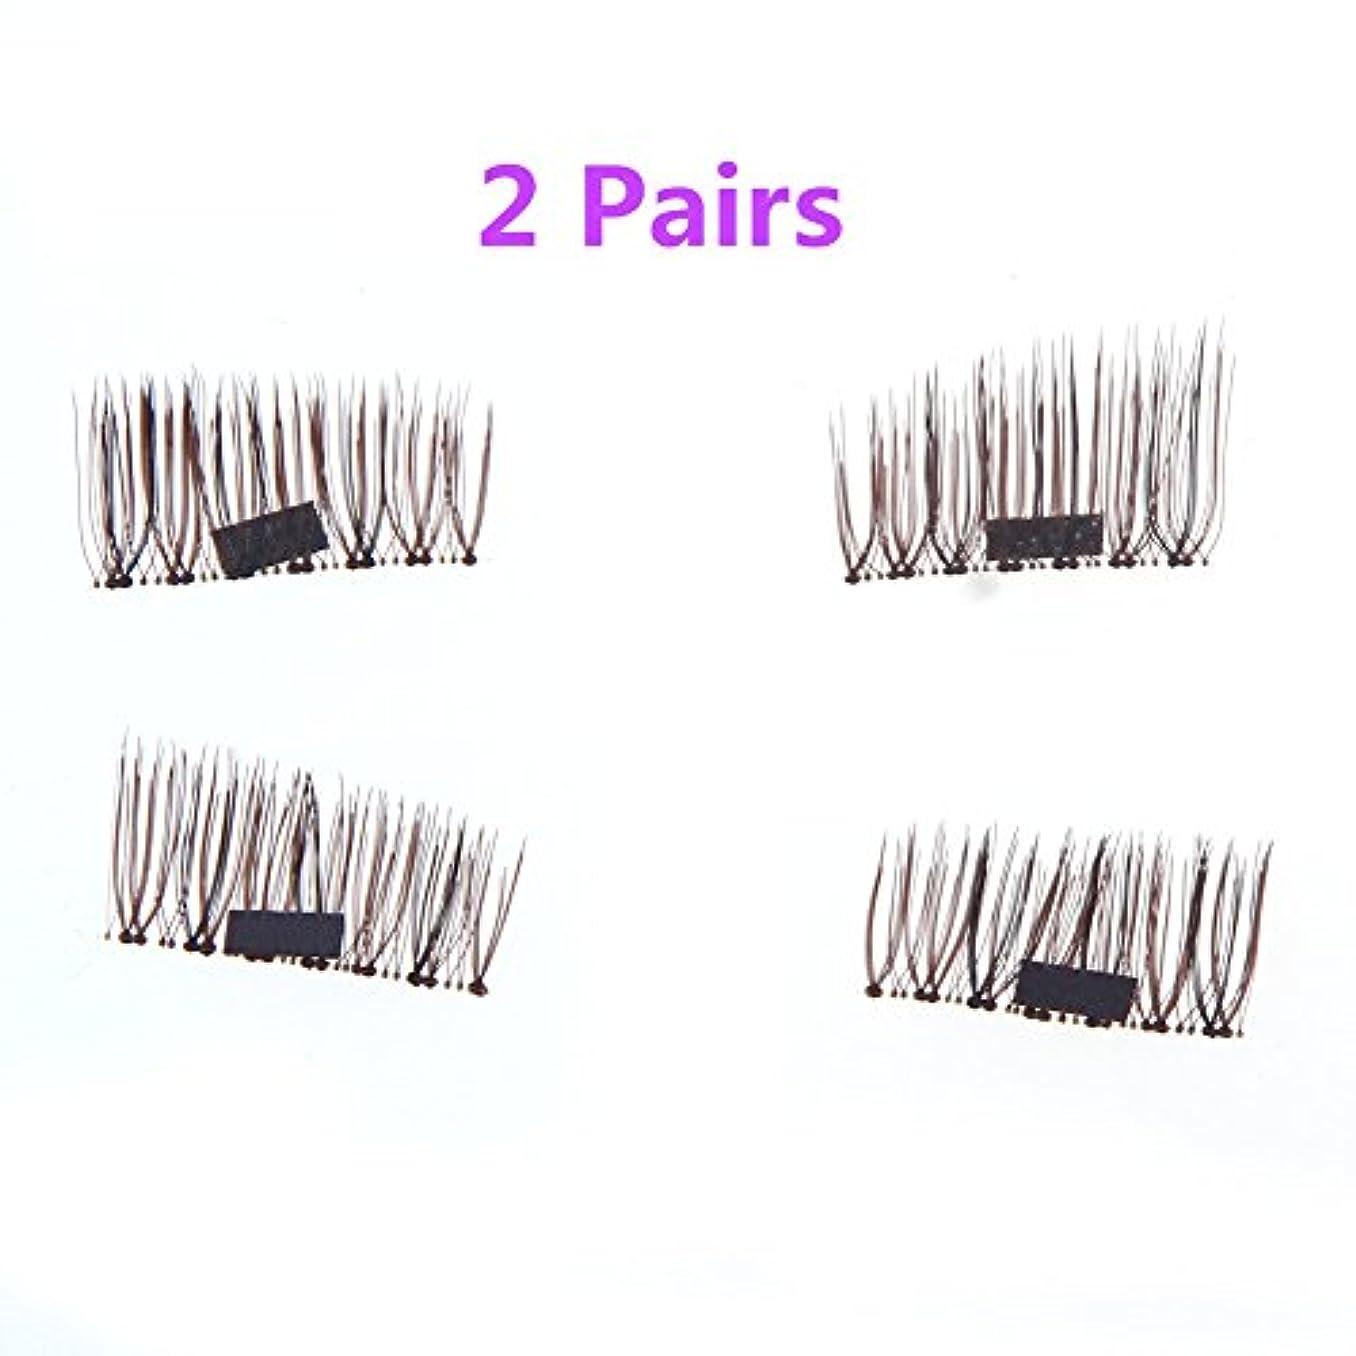 胸突撃サイトCozyrom 2ペアセット つけまつげ 磁気 3D マグネット 付け睫毛 Magnet eyelashes 磁性 長い 再利用可能 濃密 簡単に装着 手作り